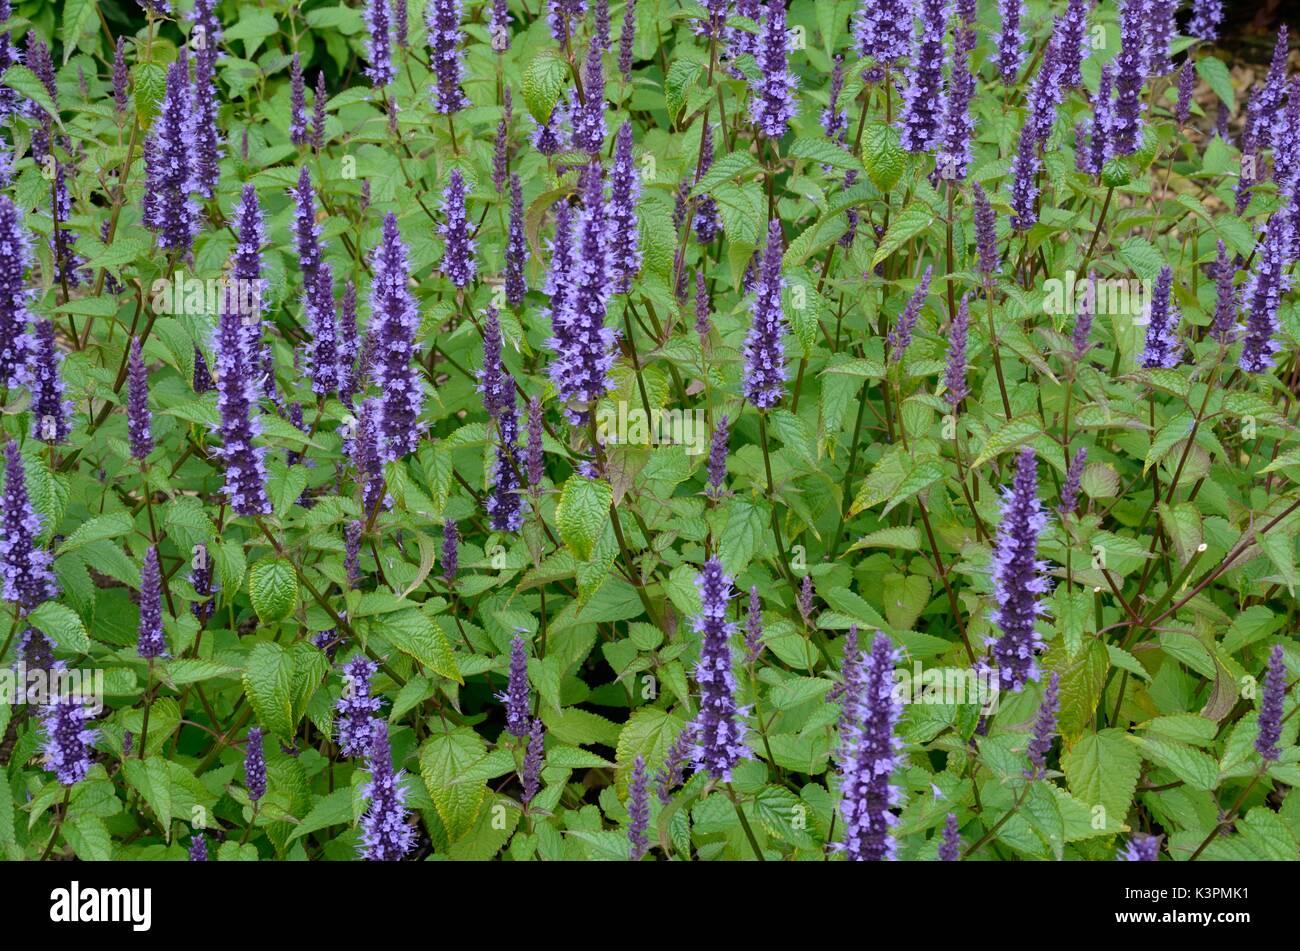 Agastache hybrida Astello indigo hyssop deep blue mint scented flower spikes - Stock Image